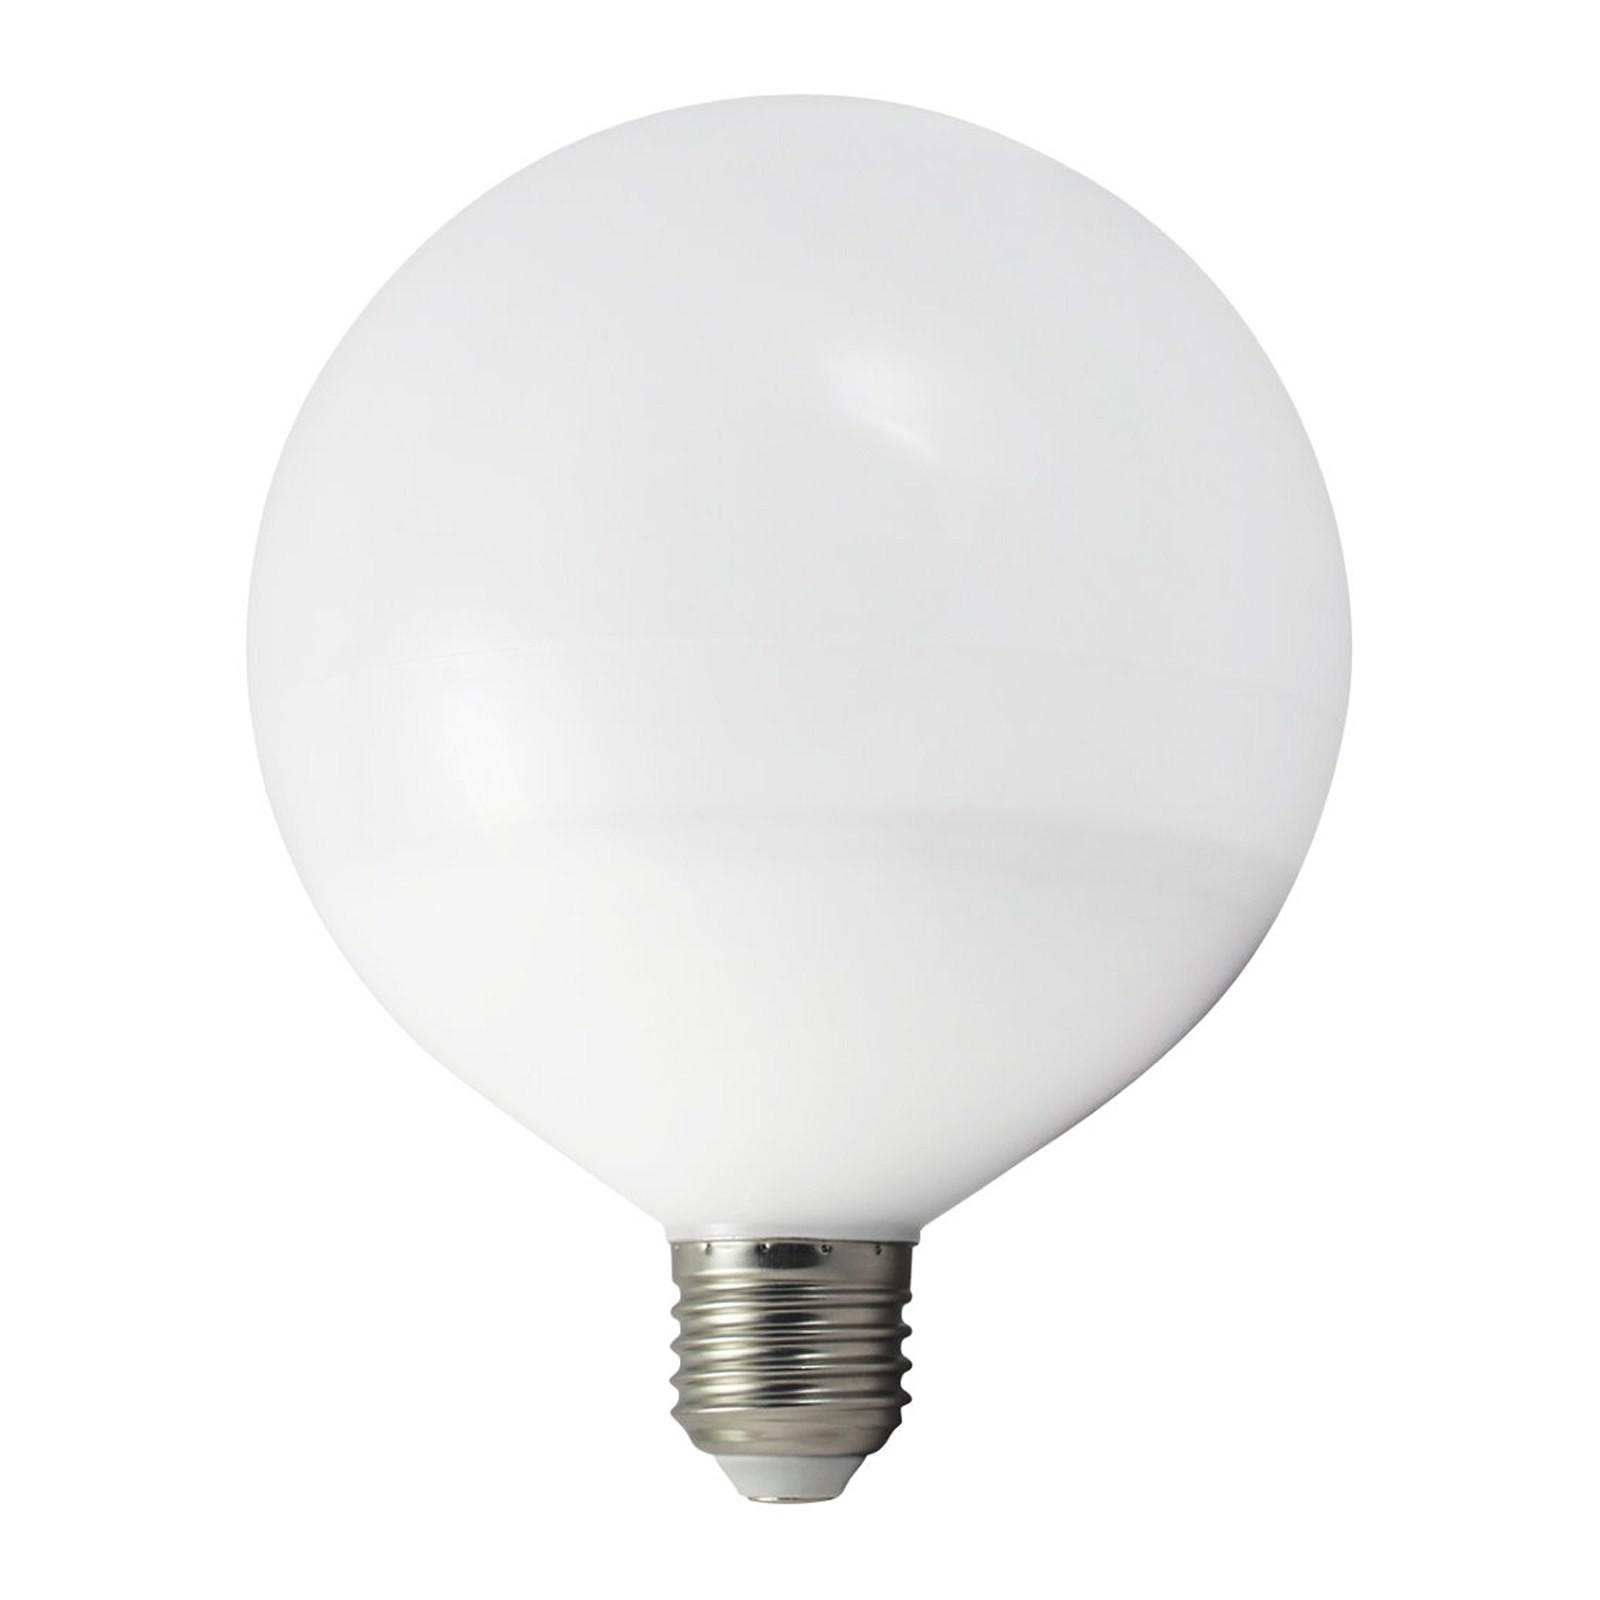 Lampada lampadina led attacco e27 12 watt globo luce for Luce bianca led